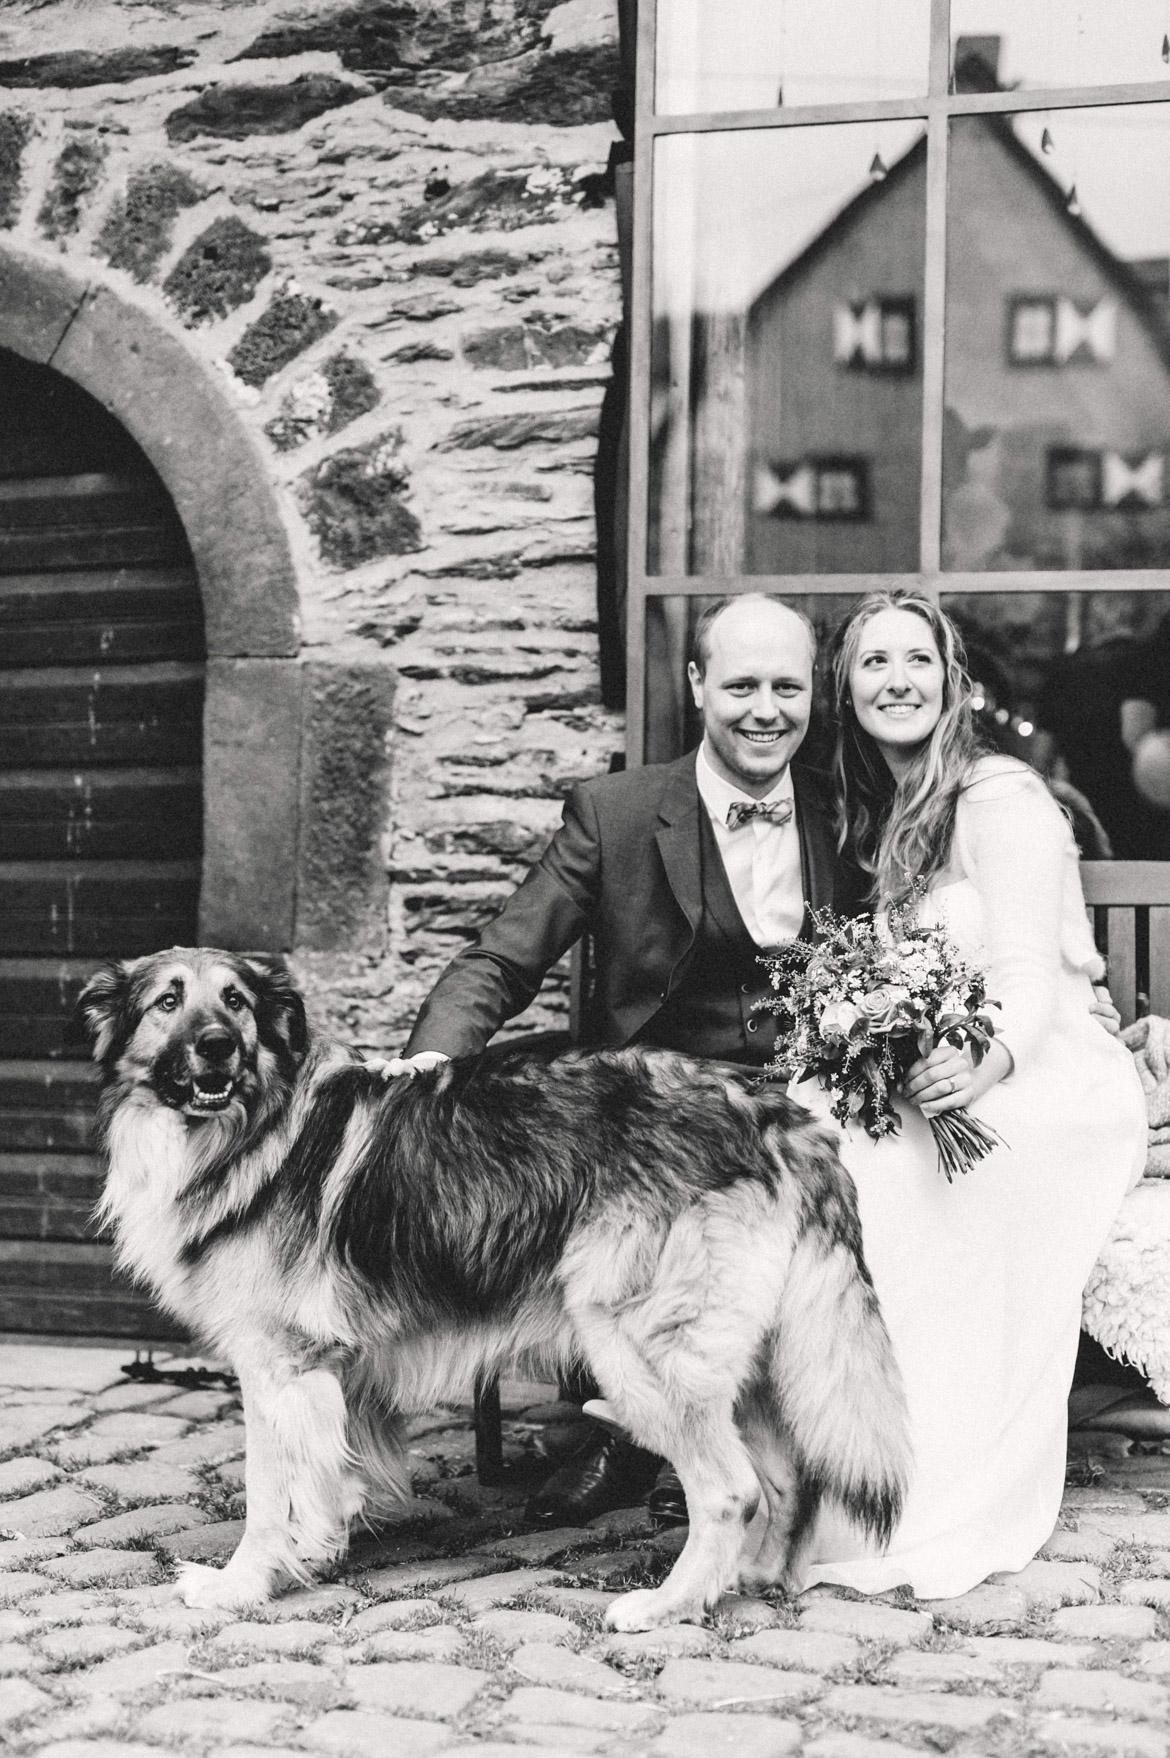 DIY-Hochzeit-koblenz-hoch-10 Tina & Miro DIY Wedding Cafe KostbarDIY Hochzeit koblenz hoch 10